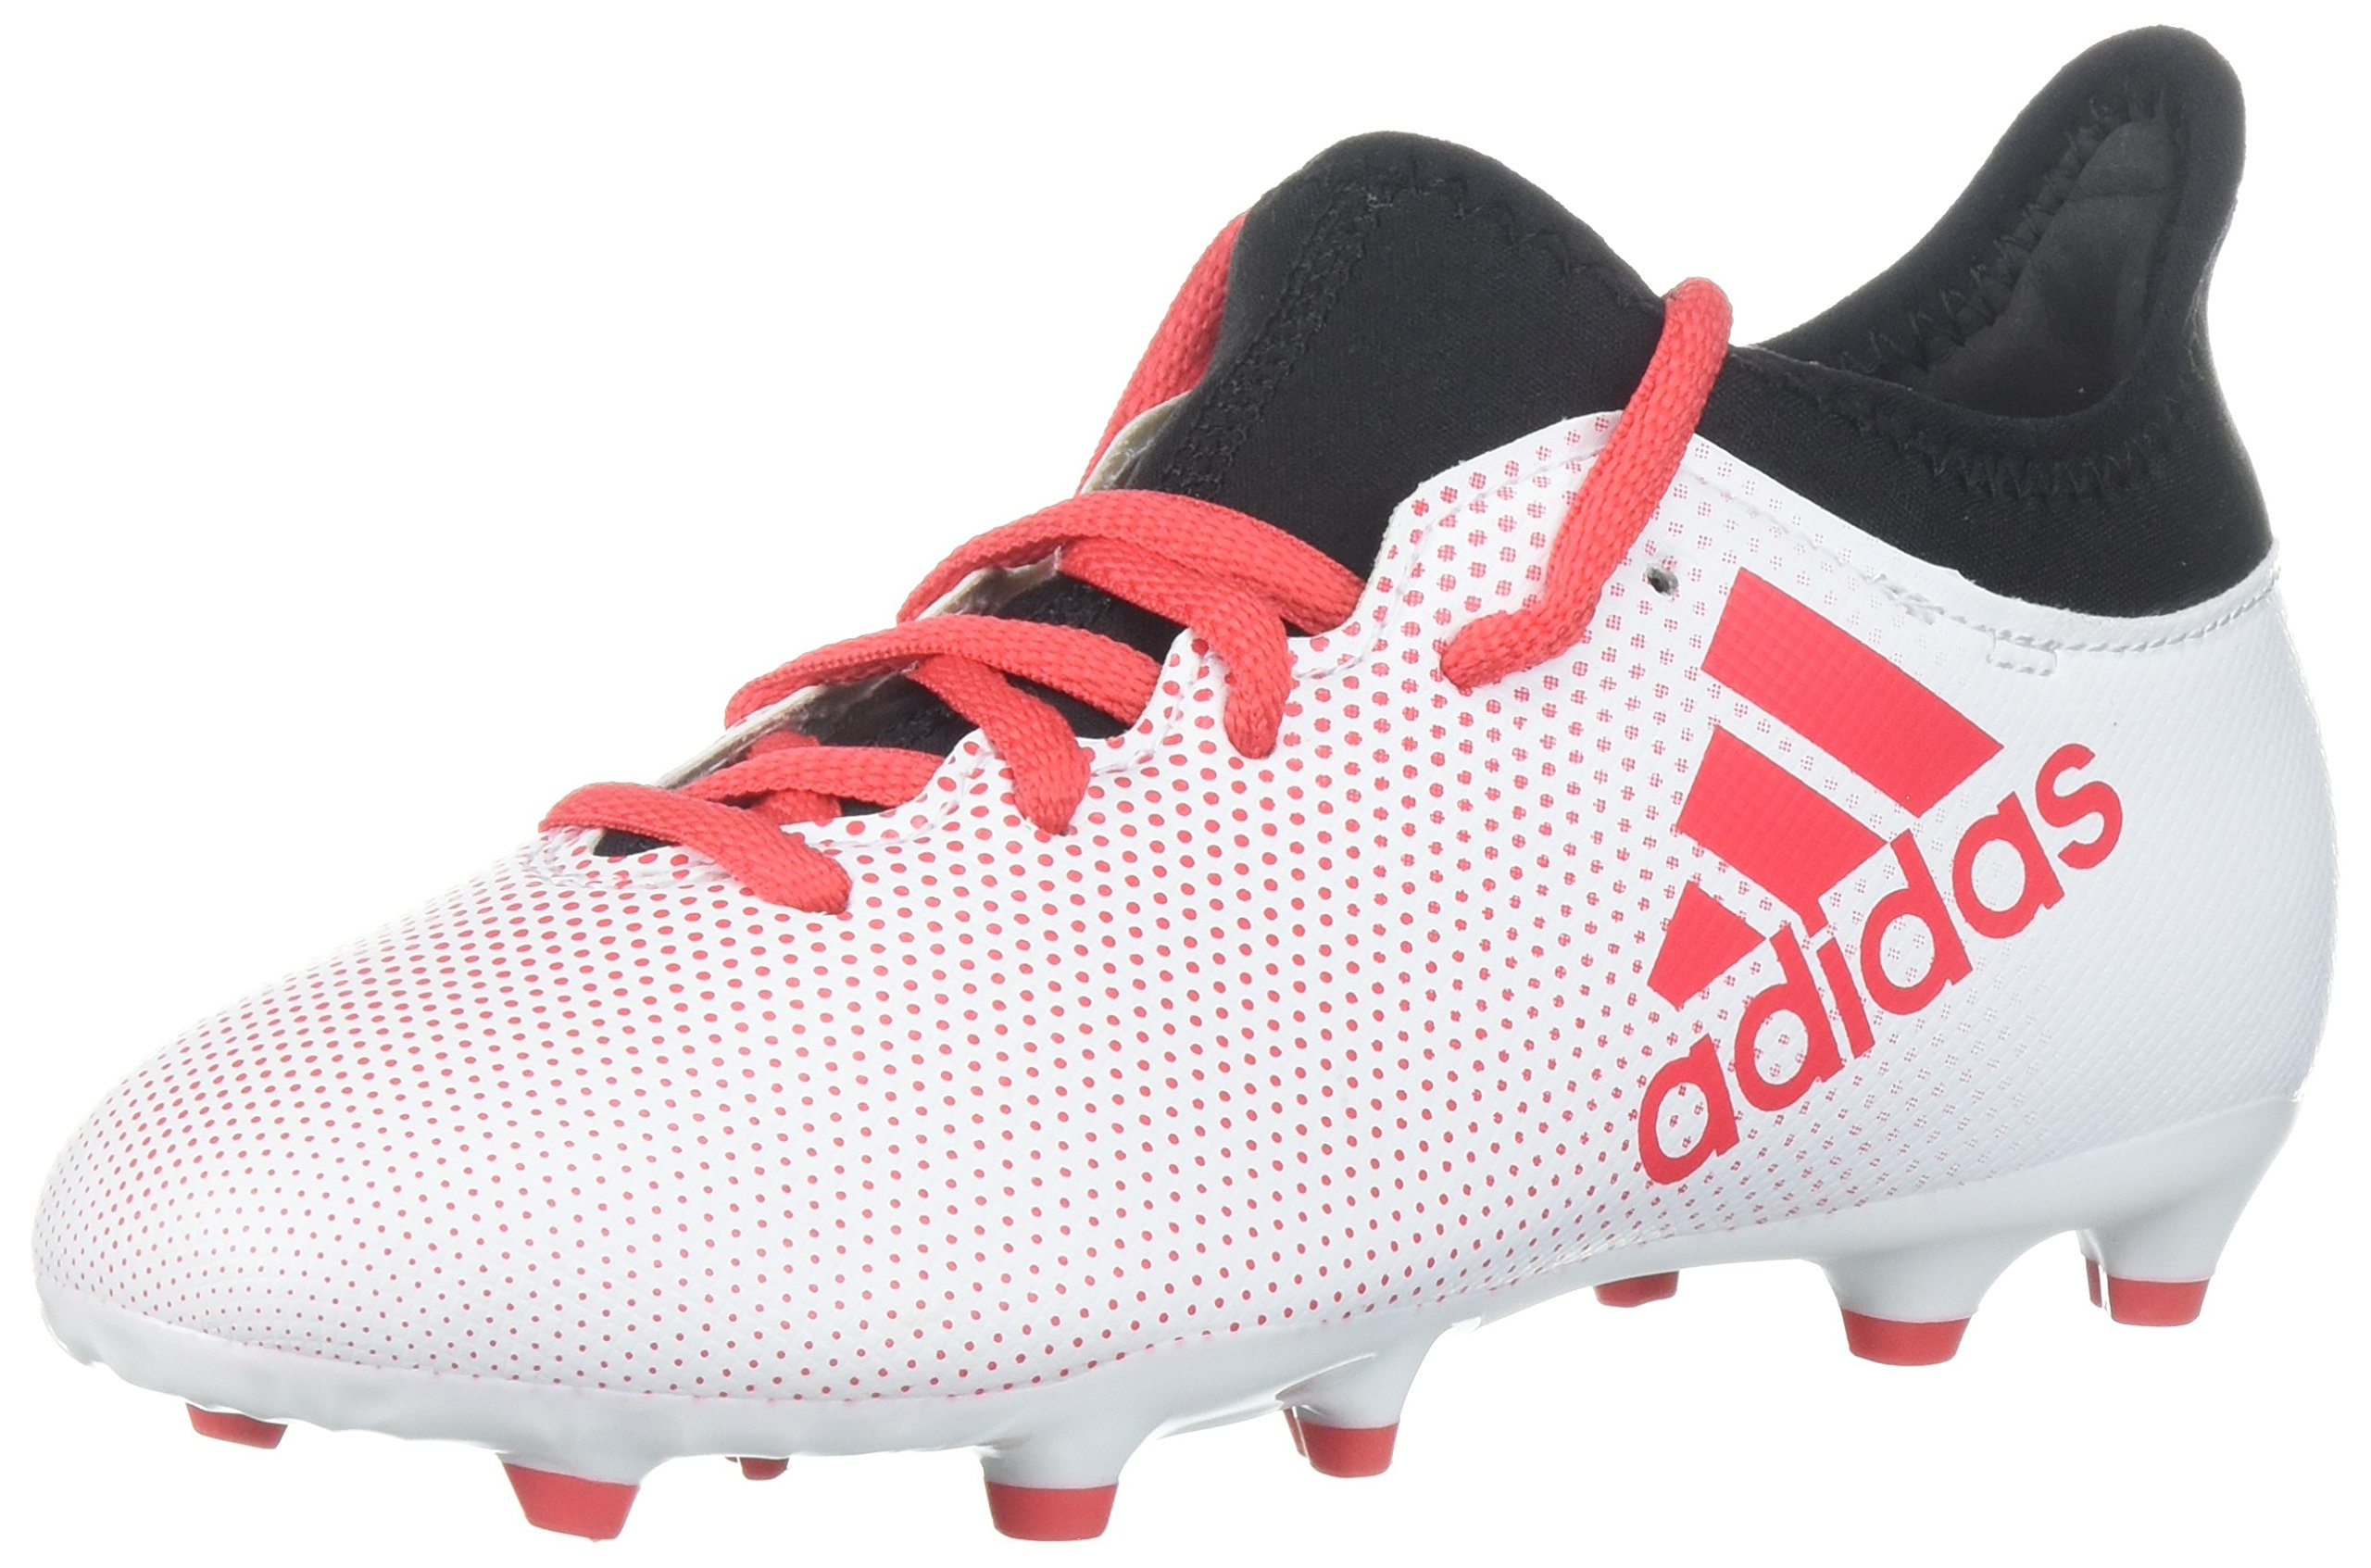 adidas Boys' X 17.3 FG J, Grey/Real Coral/Core Black, 5 M US Big Kid by adidas